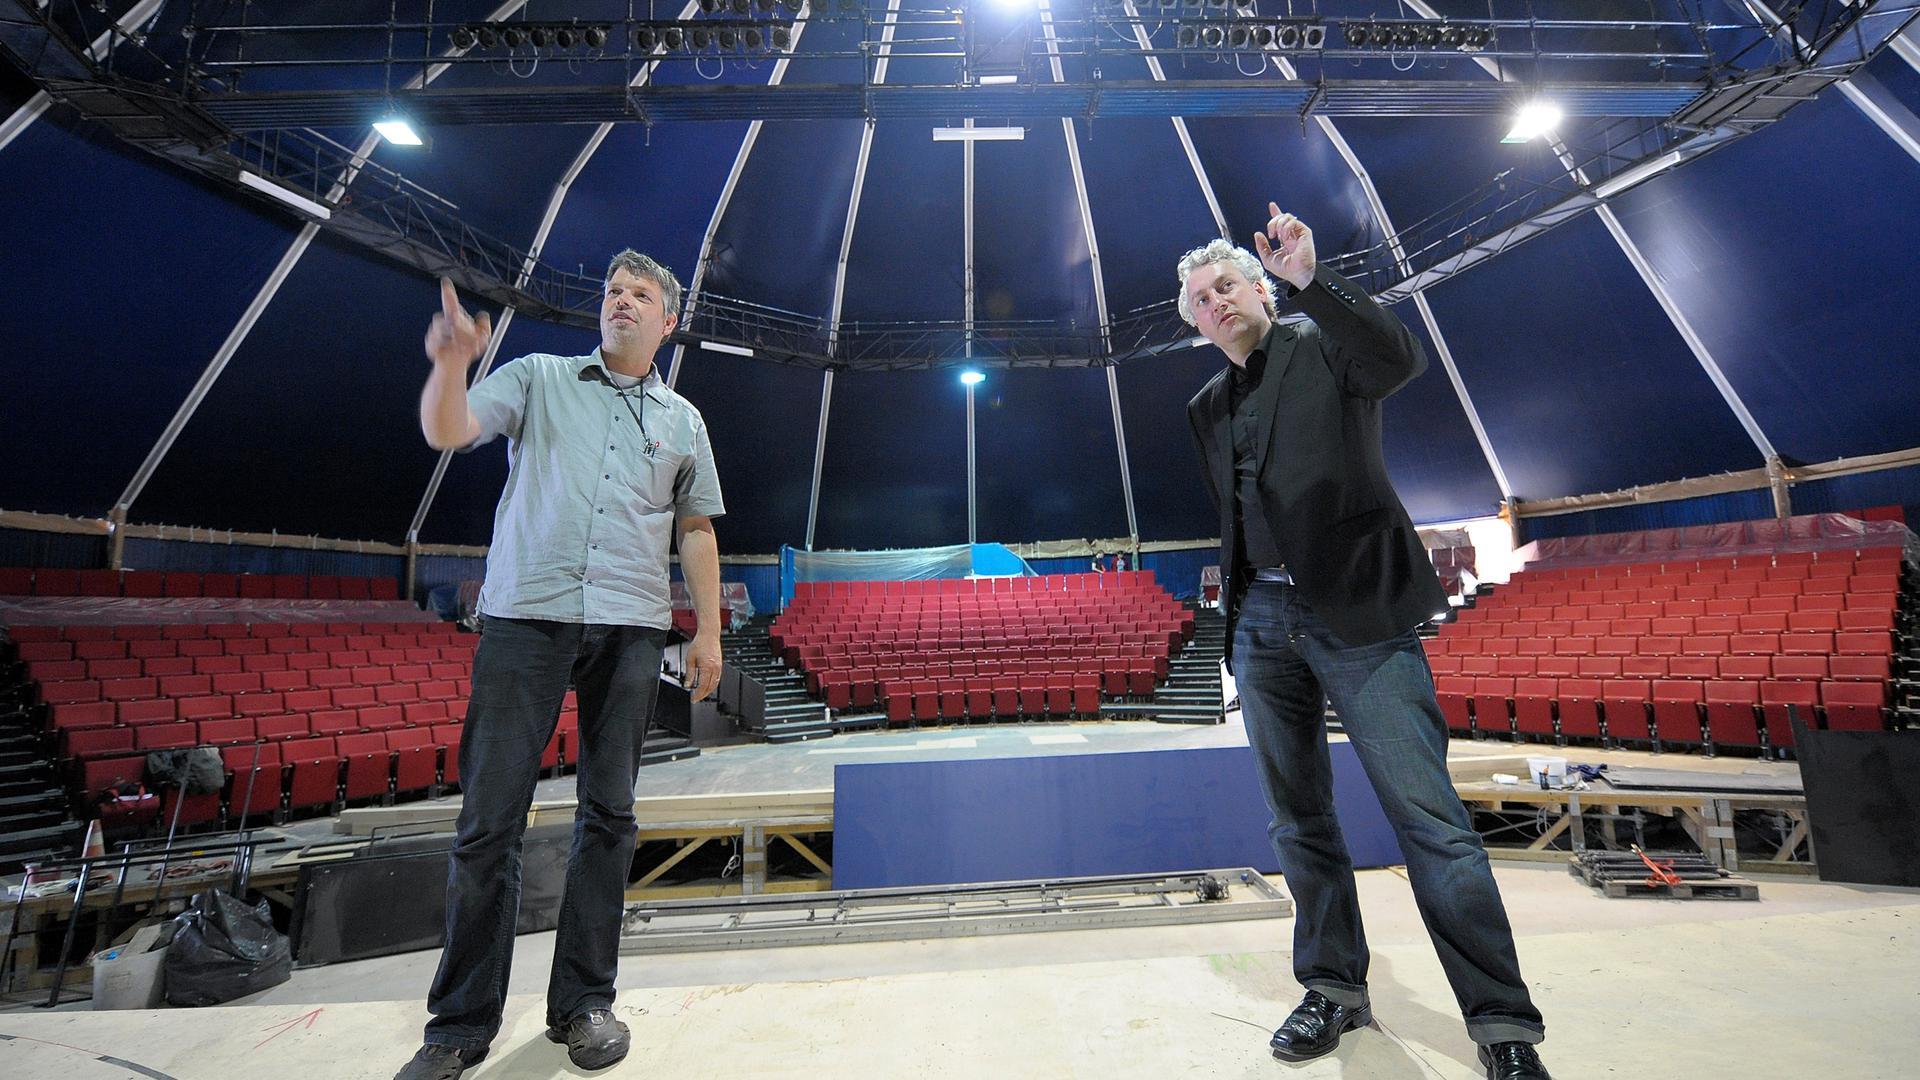 Bekannt als Macher: Peter Spuhler (rechts) zu seiner Zeit als Intendant des Theaters Heidelberg, hier im Mai 2009 mit dem Architekten für den Umbau der Alten Feuerwache, Olaf Kley, beim Aufbau eines Theaterzeltes für das Opernensemble während der Sanierungszeit des Theaters